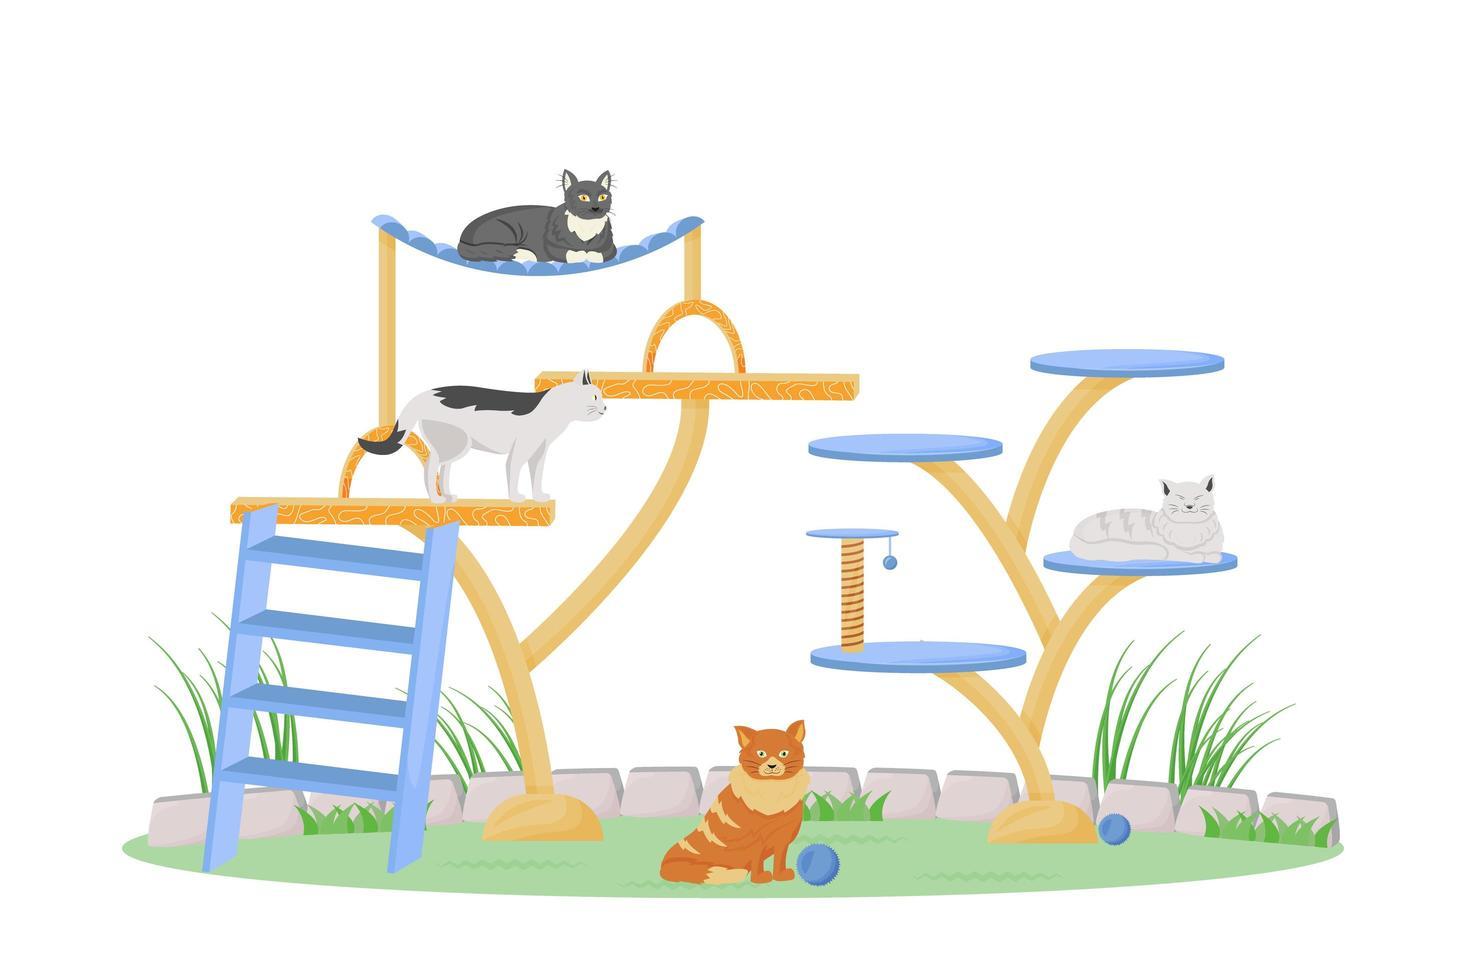 Katzen auf Spielturm vektor